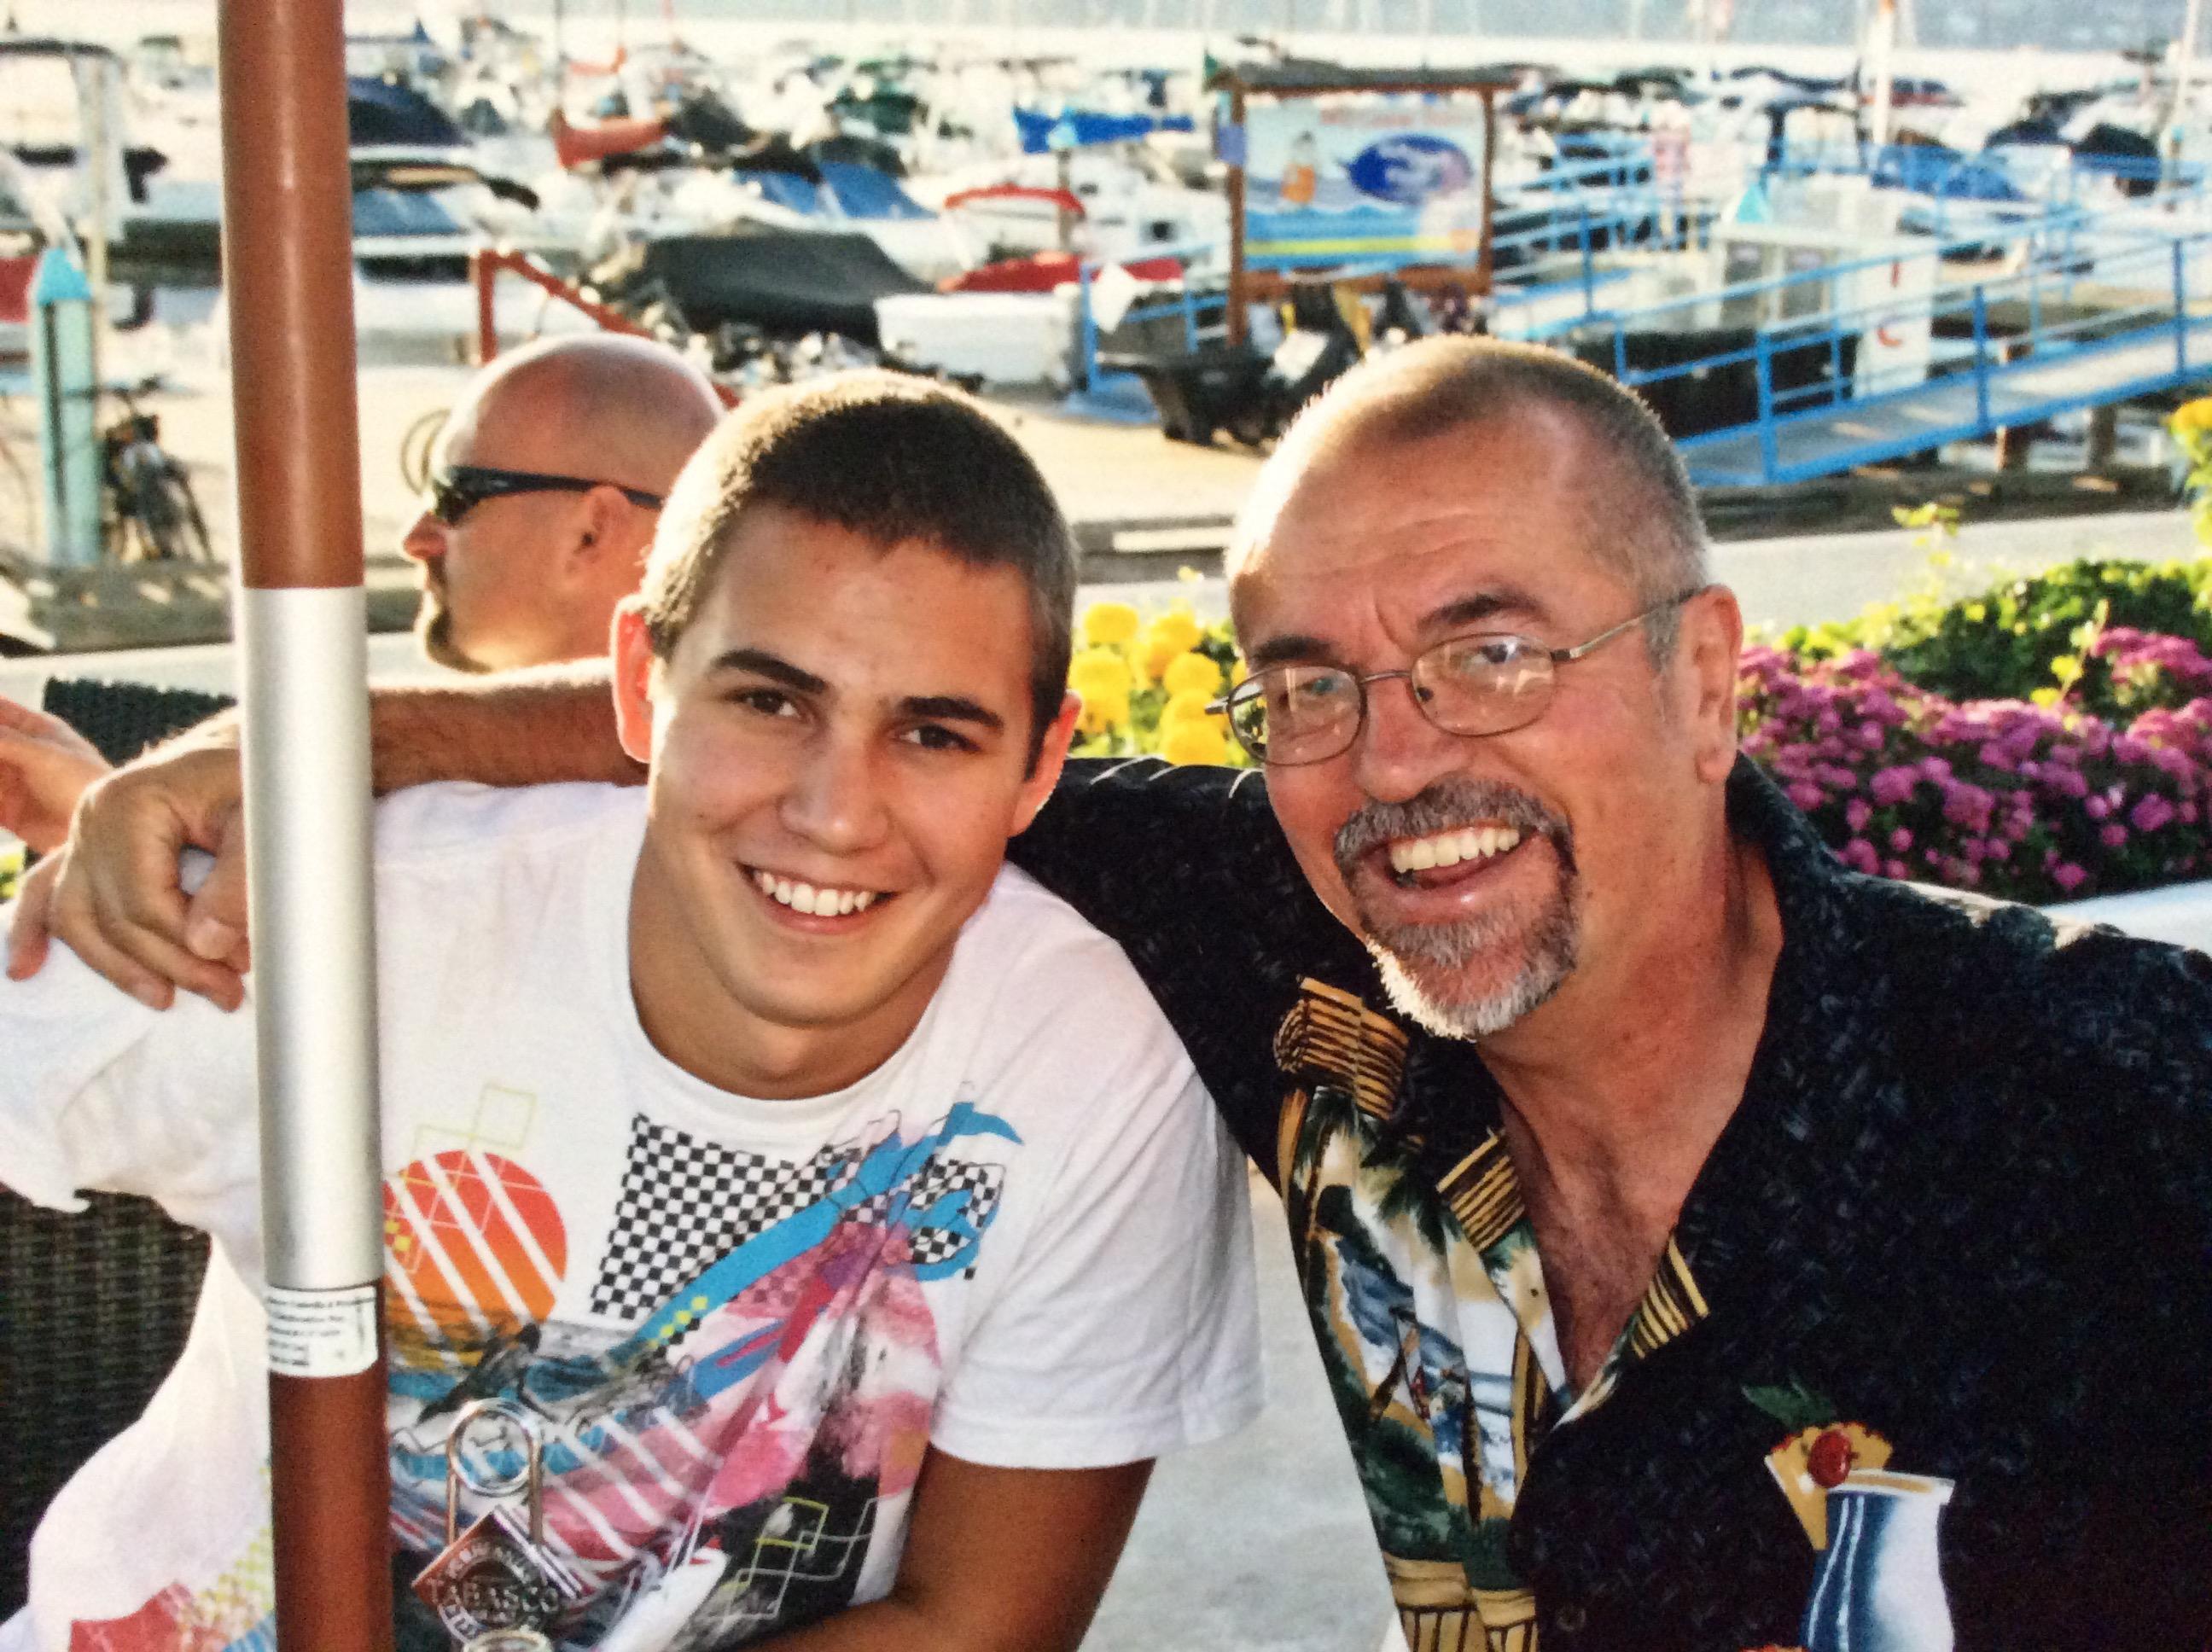 Shaydon and Tony at KYC...the old club